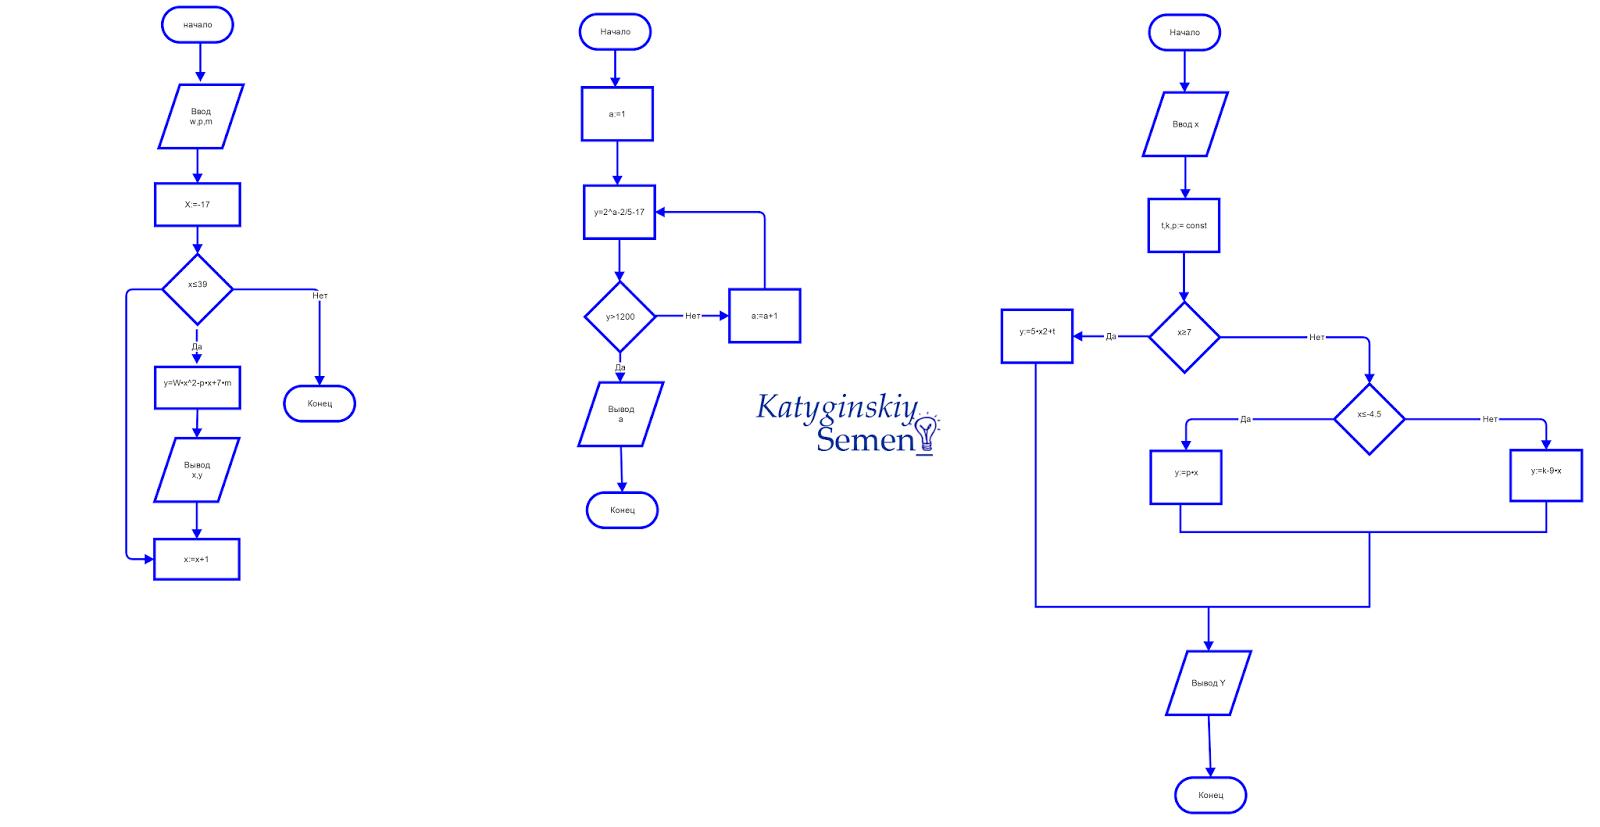 Дана блок схема линейного алгоритма